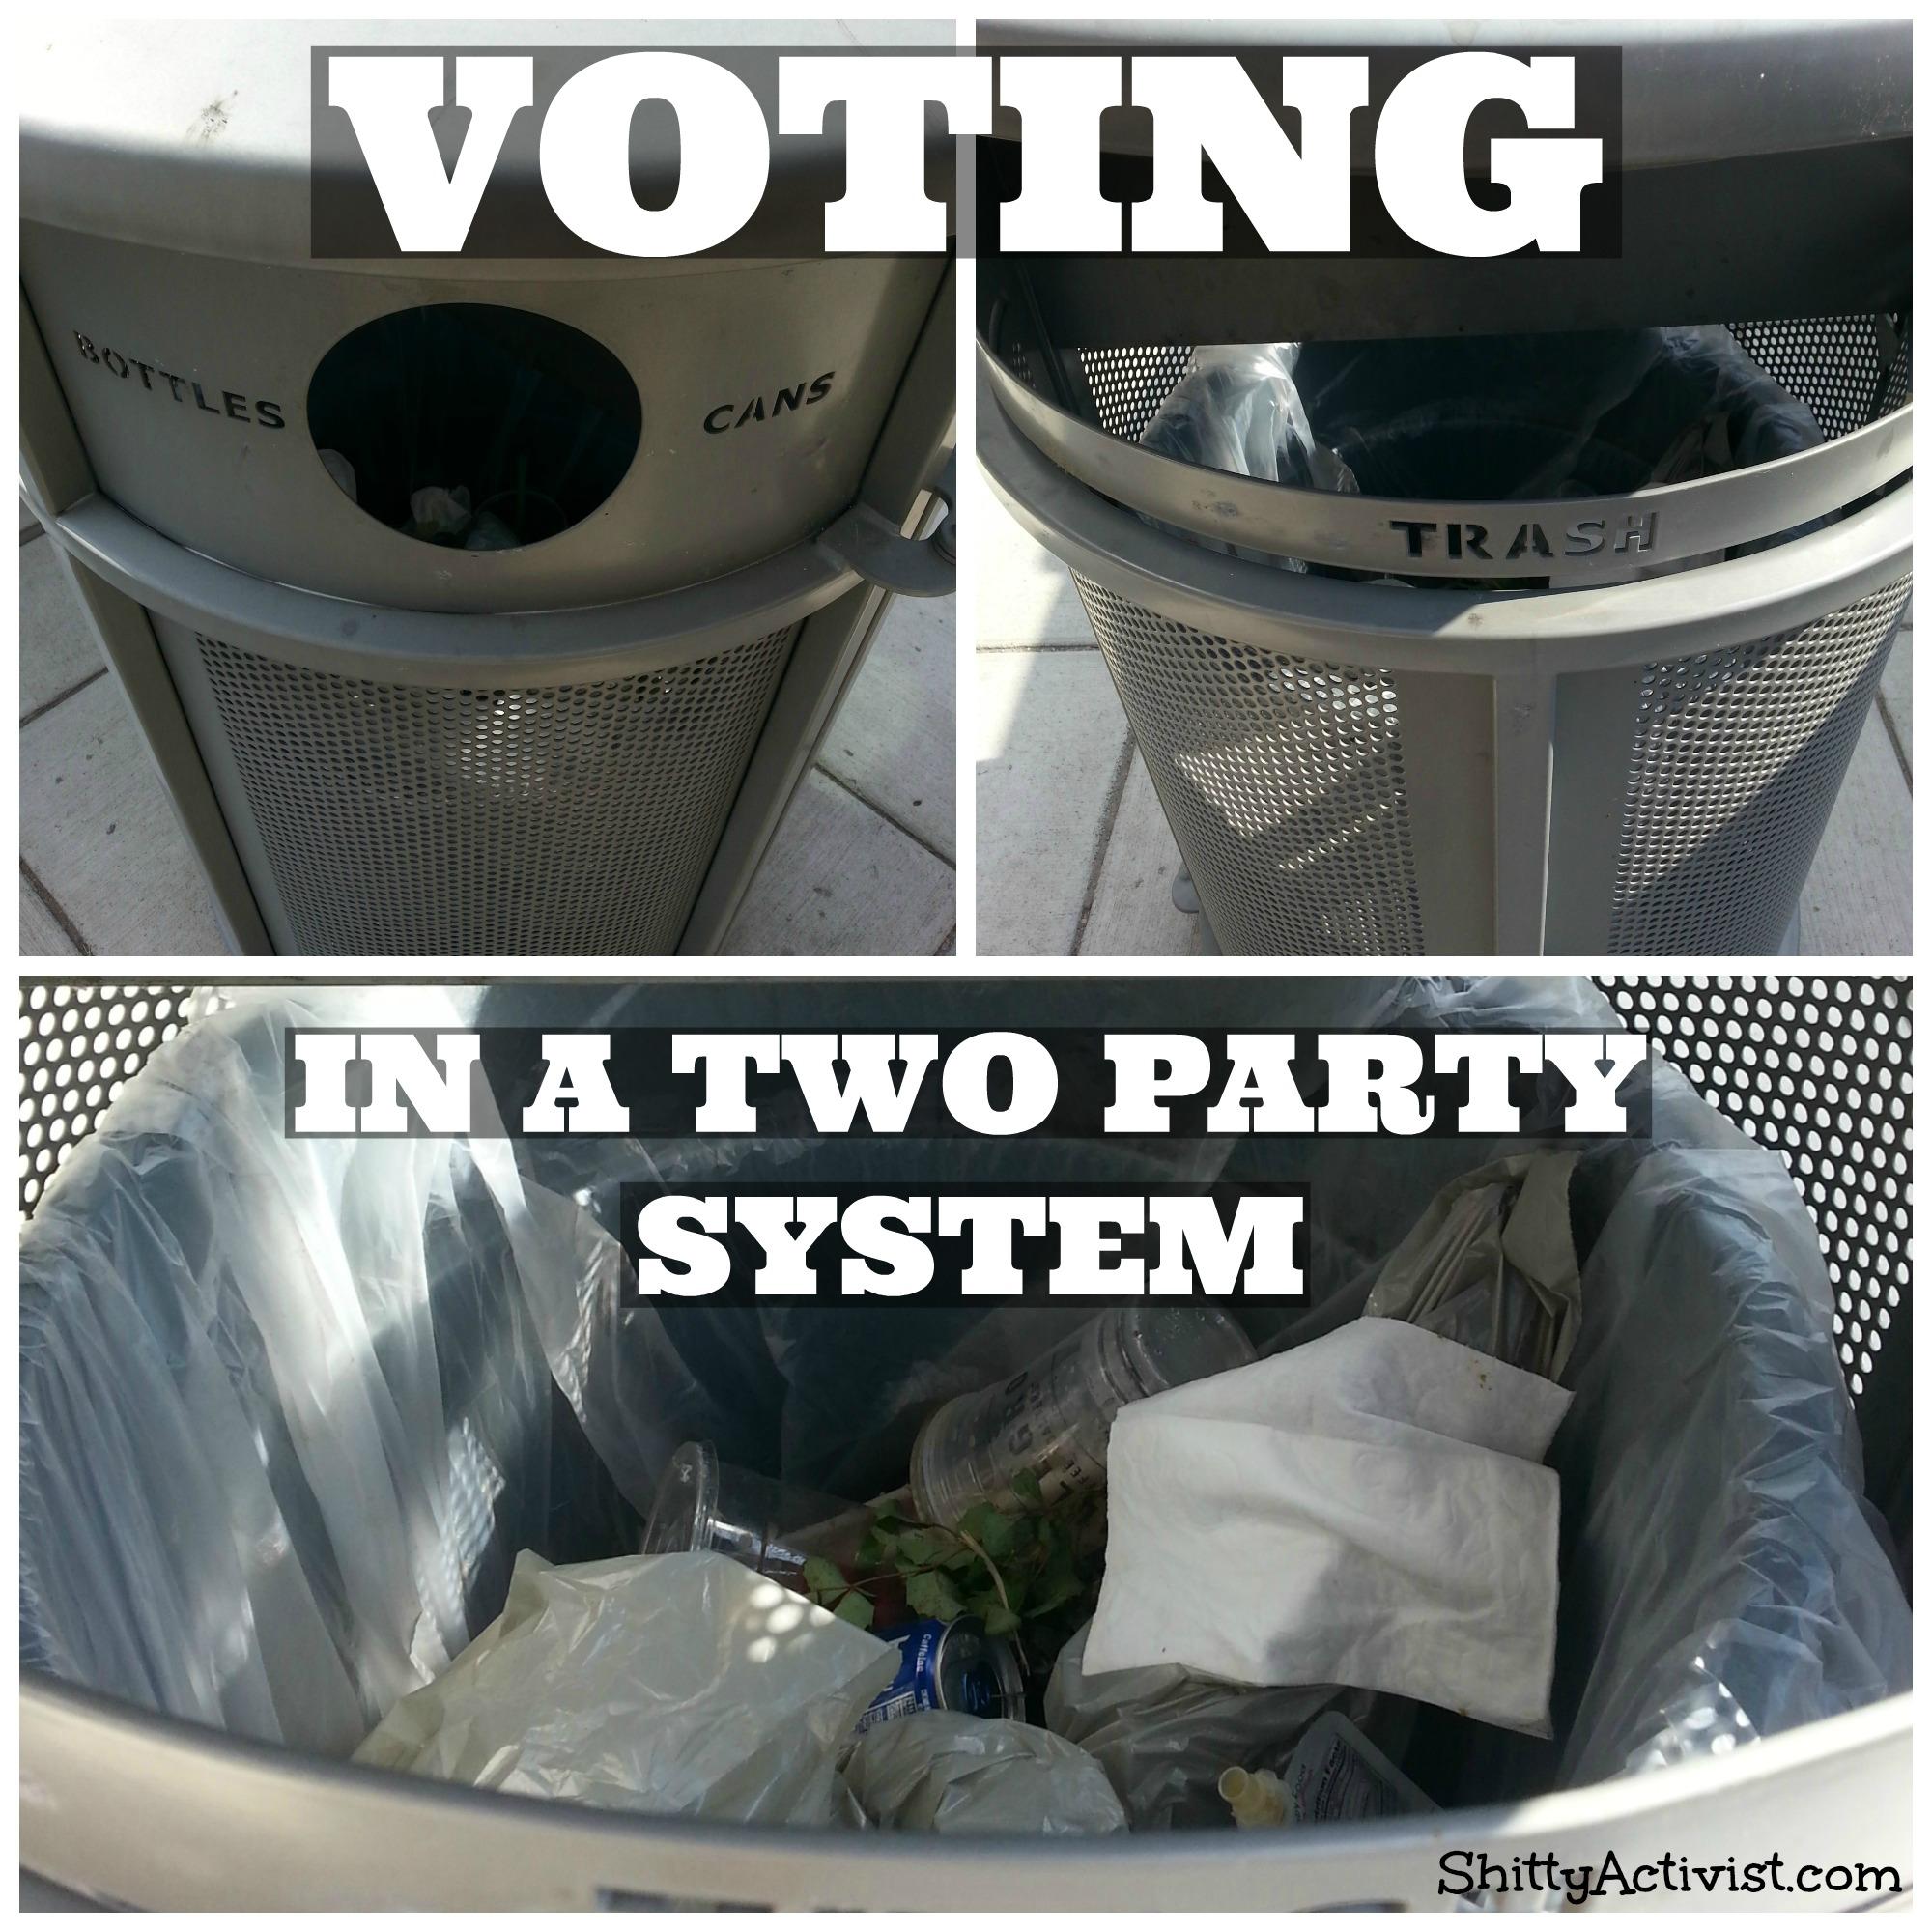 TSA_Voting